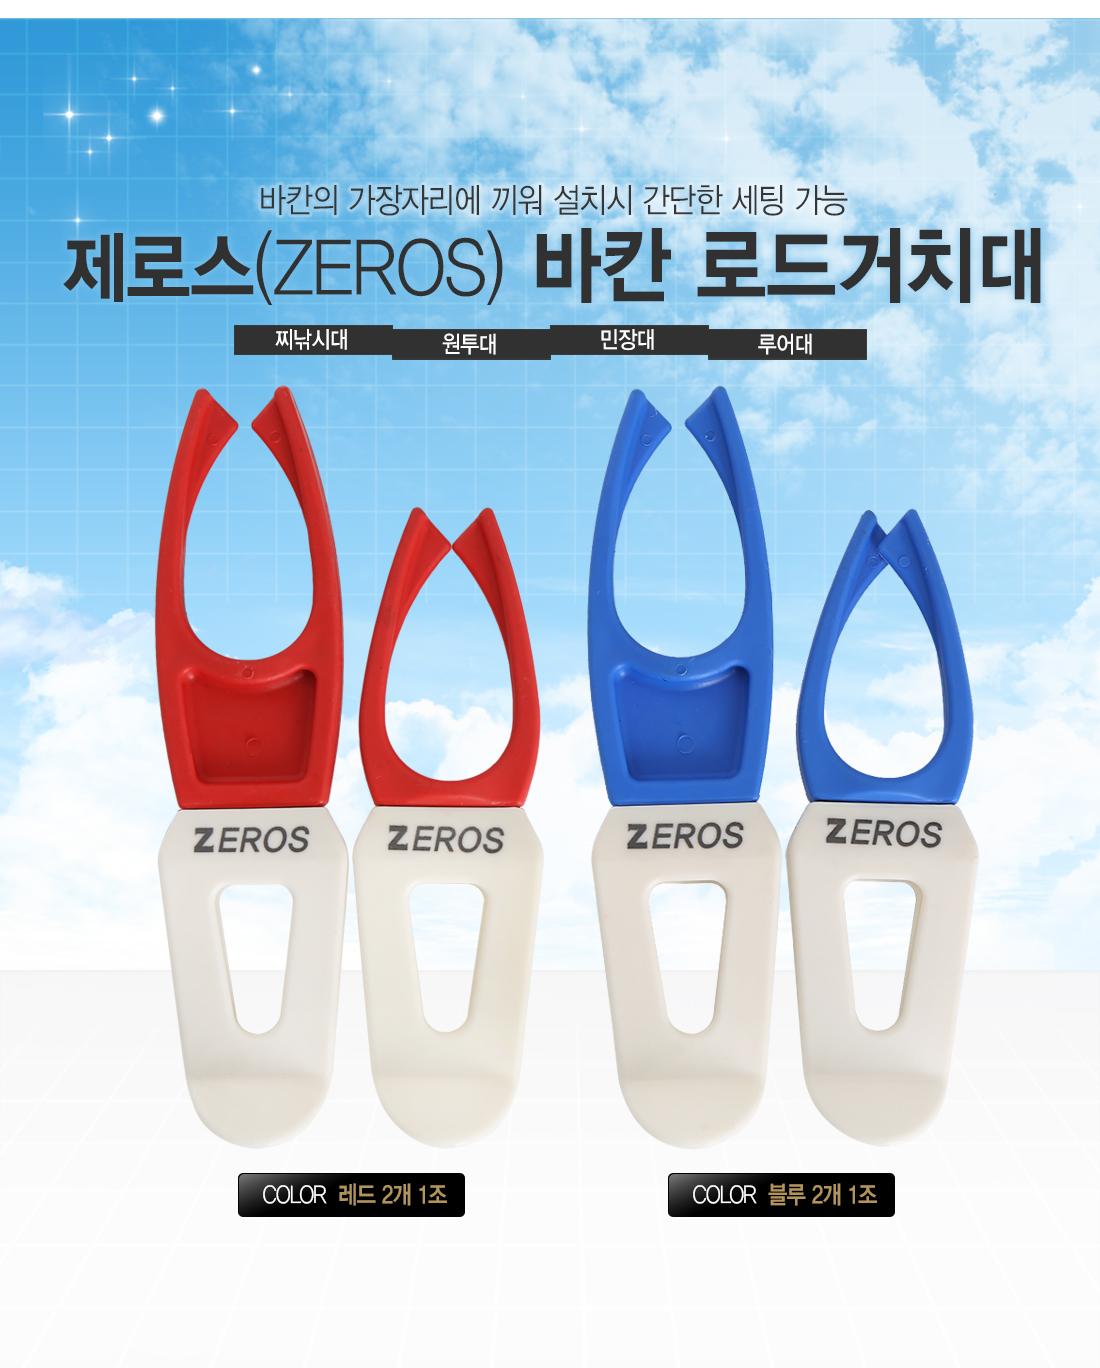 제로스 바칸 로드 거치대  ZE-RC1815 밑밥통,낚시대거치대,받침,보조가방,